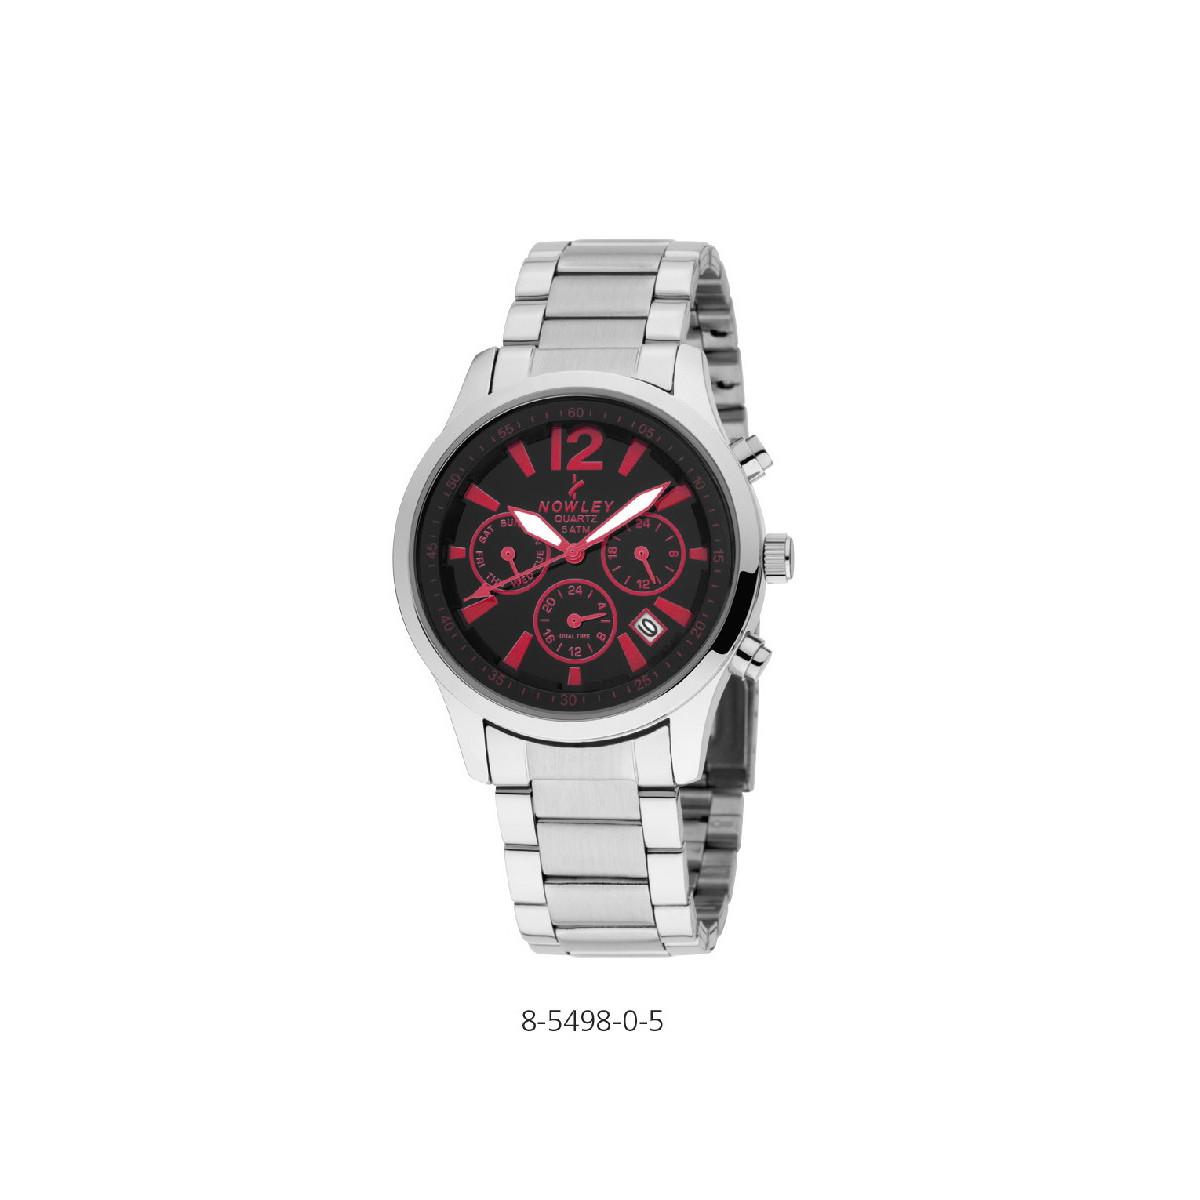 Reloj Nowley - 8-5498-0-5